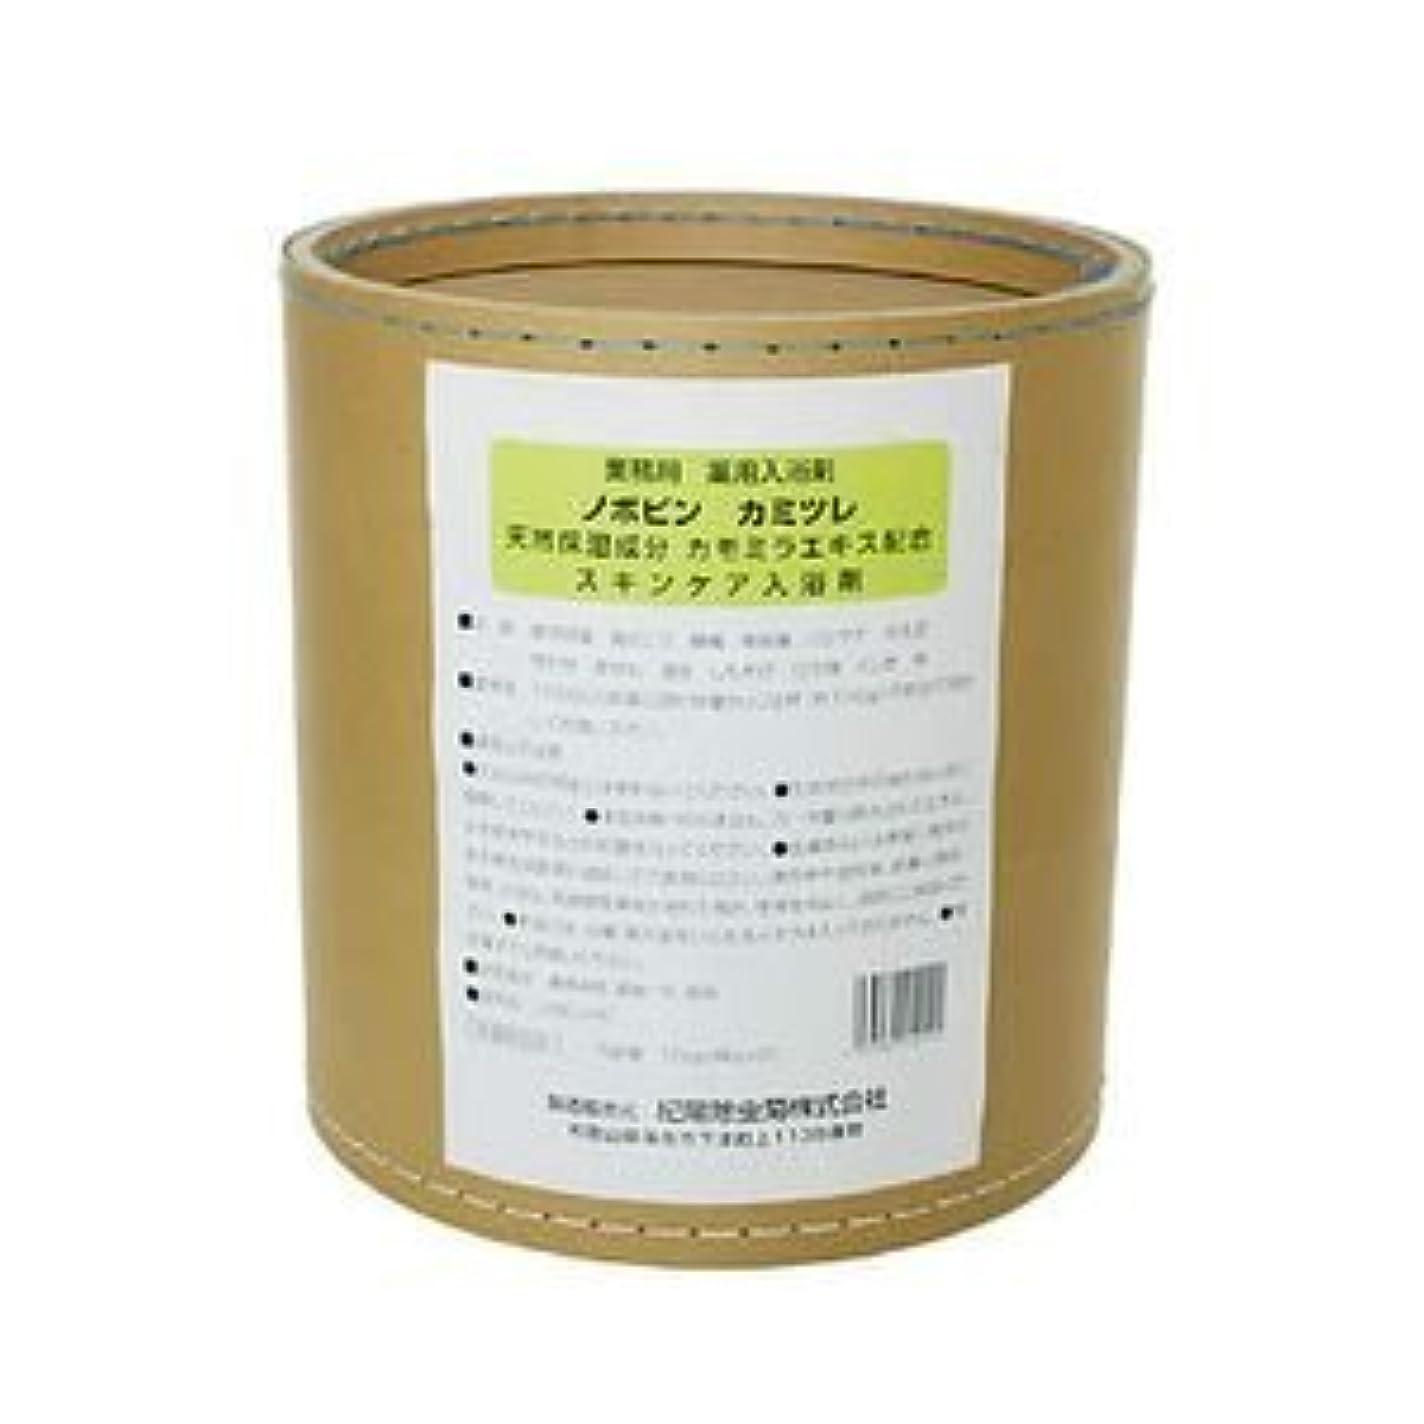 田舎お客様無許可業務用 バス 入浴剤 ノボピン カミツレ 16kg(8kg+2)